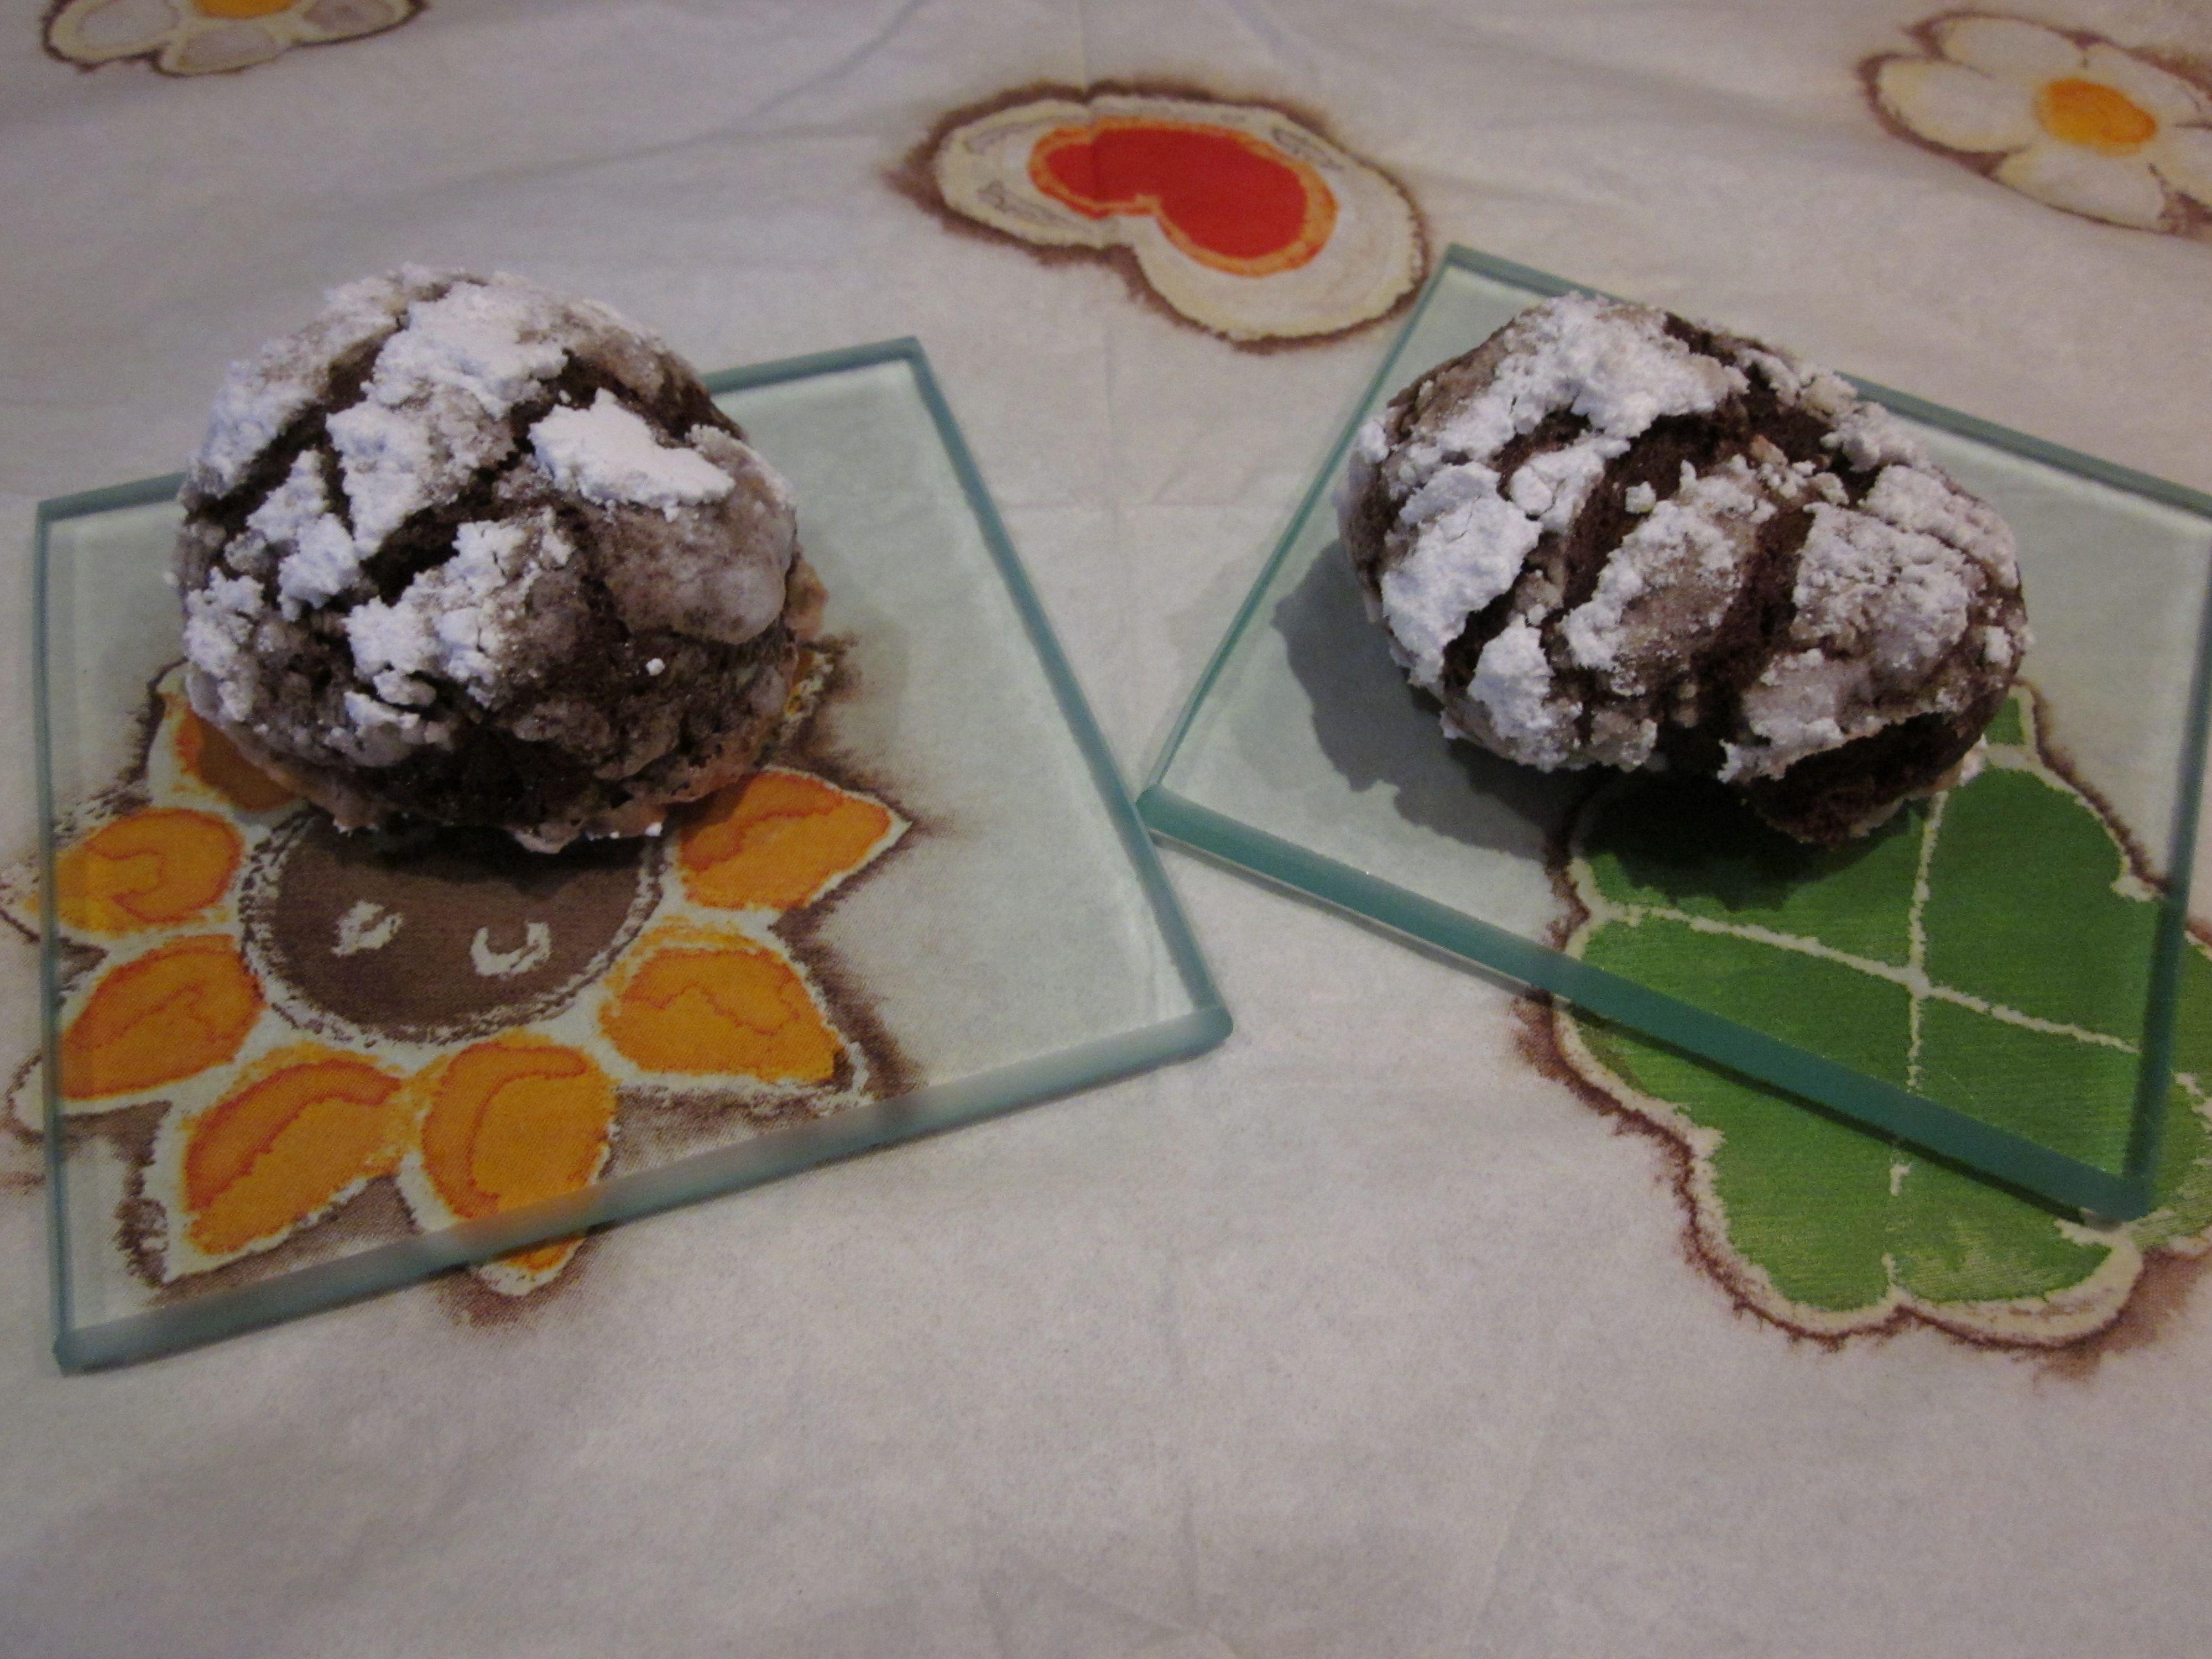 Ricette originali dei biscotti crepati for Ricette originali